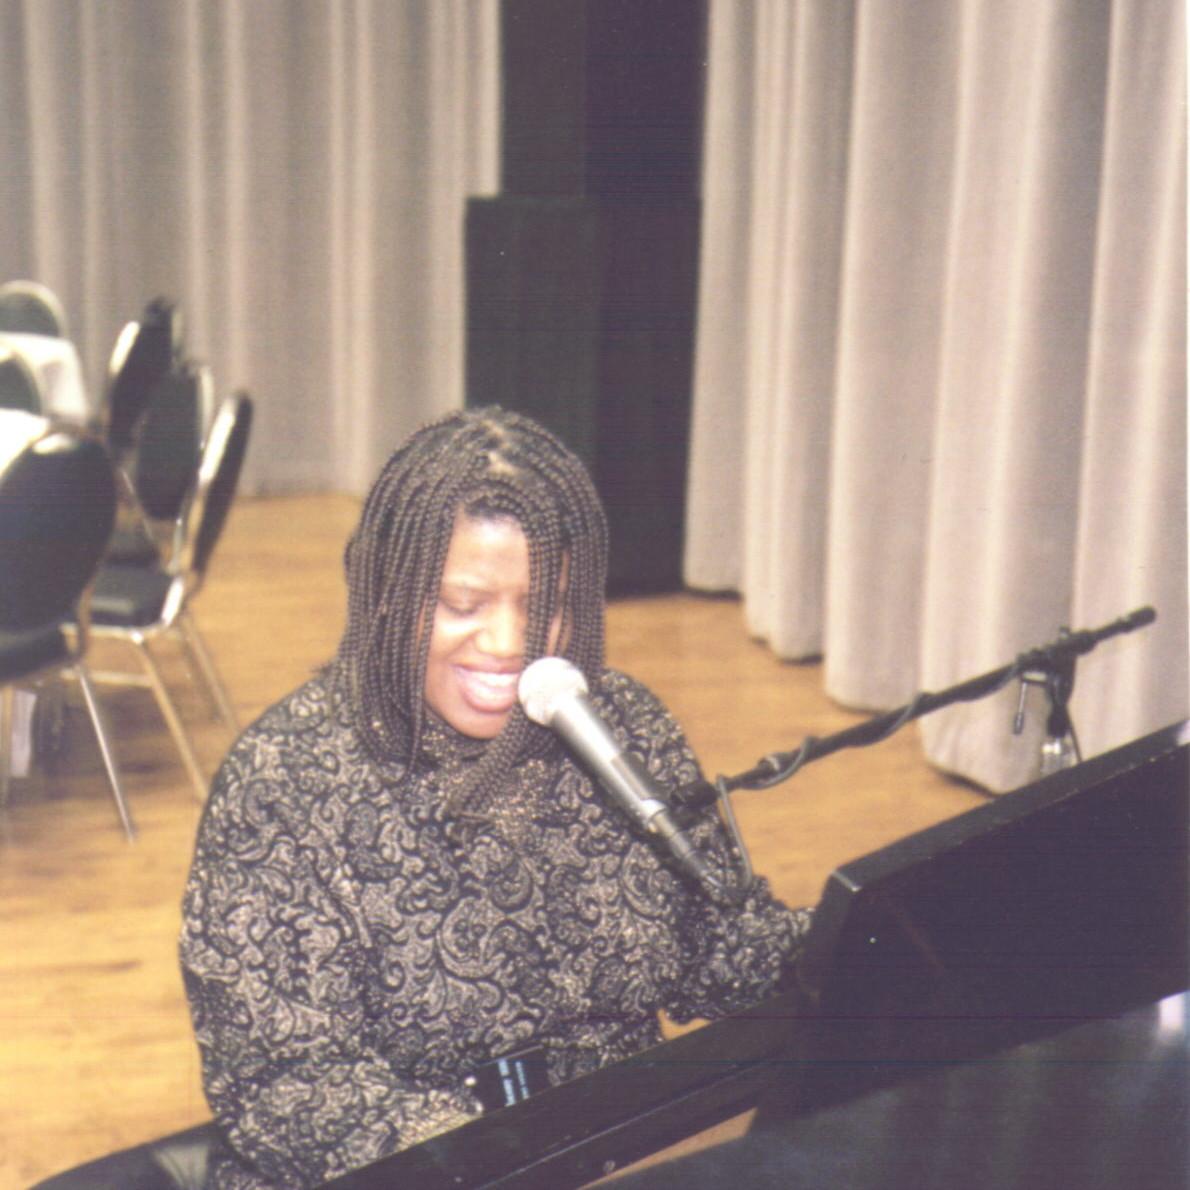 Cheryl-Lynne Skinner